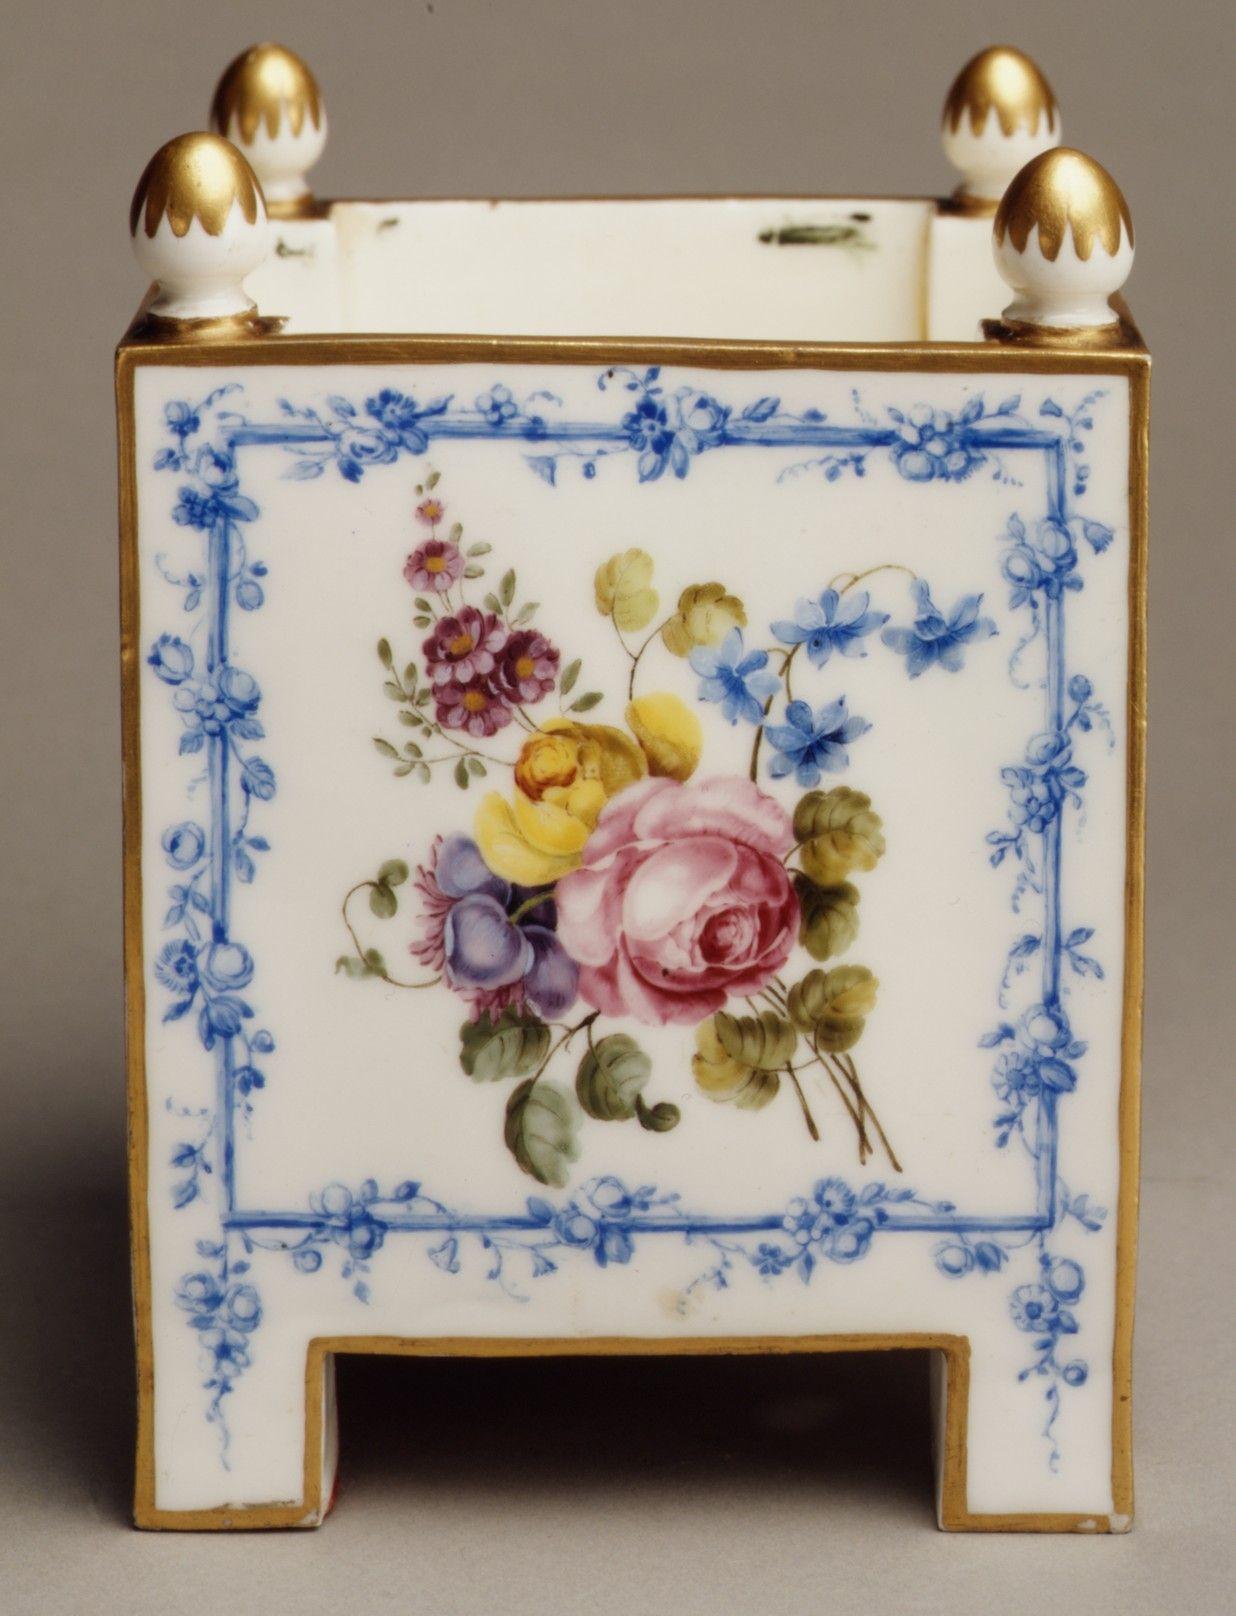 Sèvres Manufactory | Pair of flower pots (caisses carrés) | French, Sèvres | The Metropolitan Museum of Art